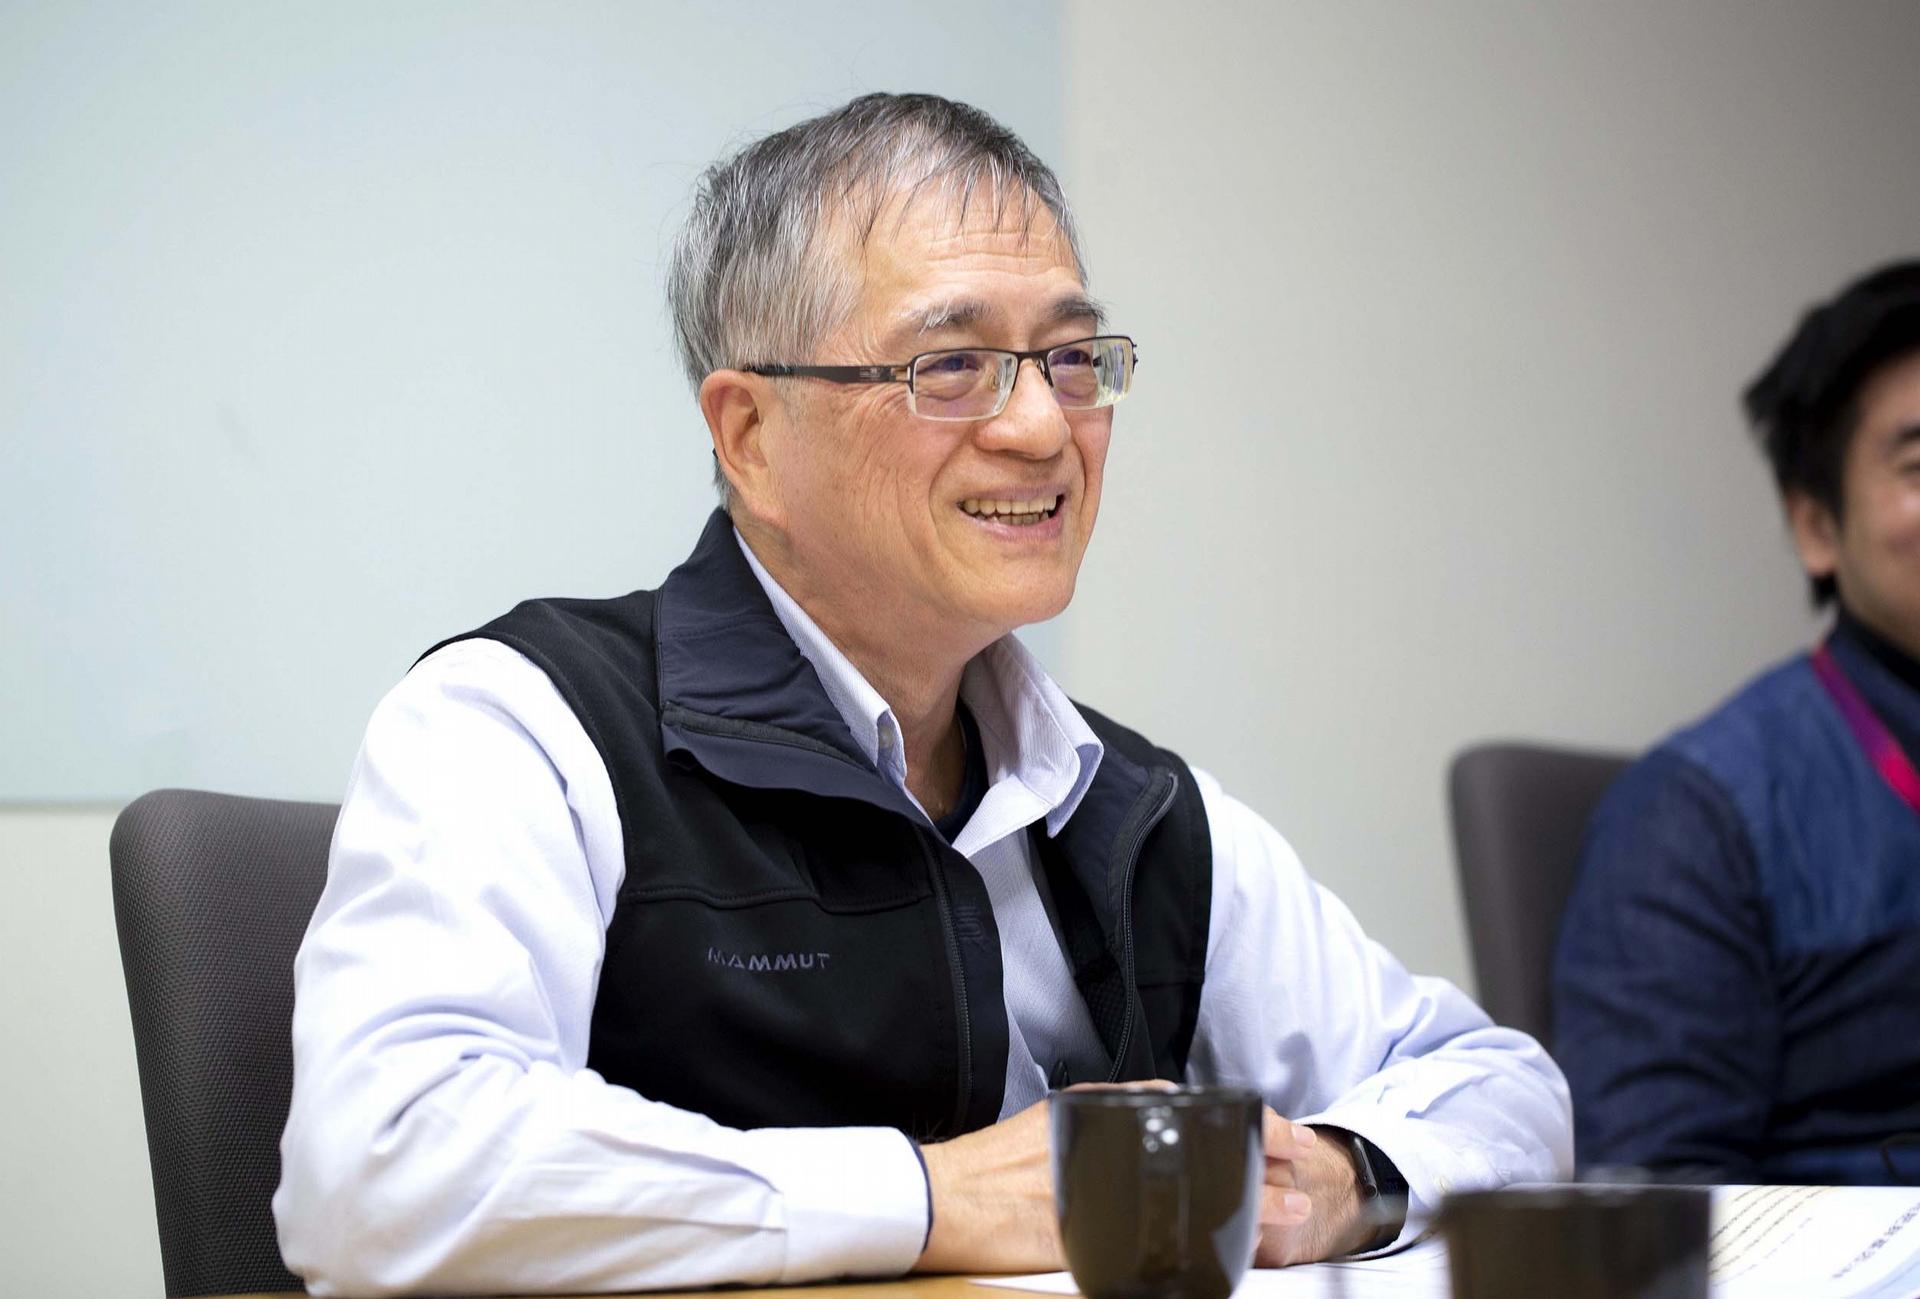 中研院生物醫學科學研究所李德章博士,同時也是臺灣人體生物資料庫主持人,說明臺灣人體生物資料庫最重要的願景即為促進國人的精準醫療與精準健康。 圖│研之有物